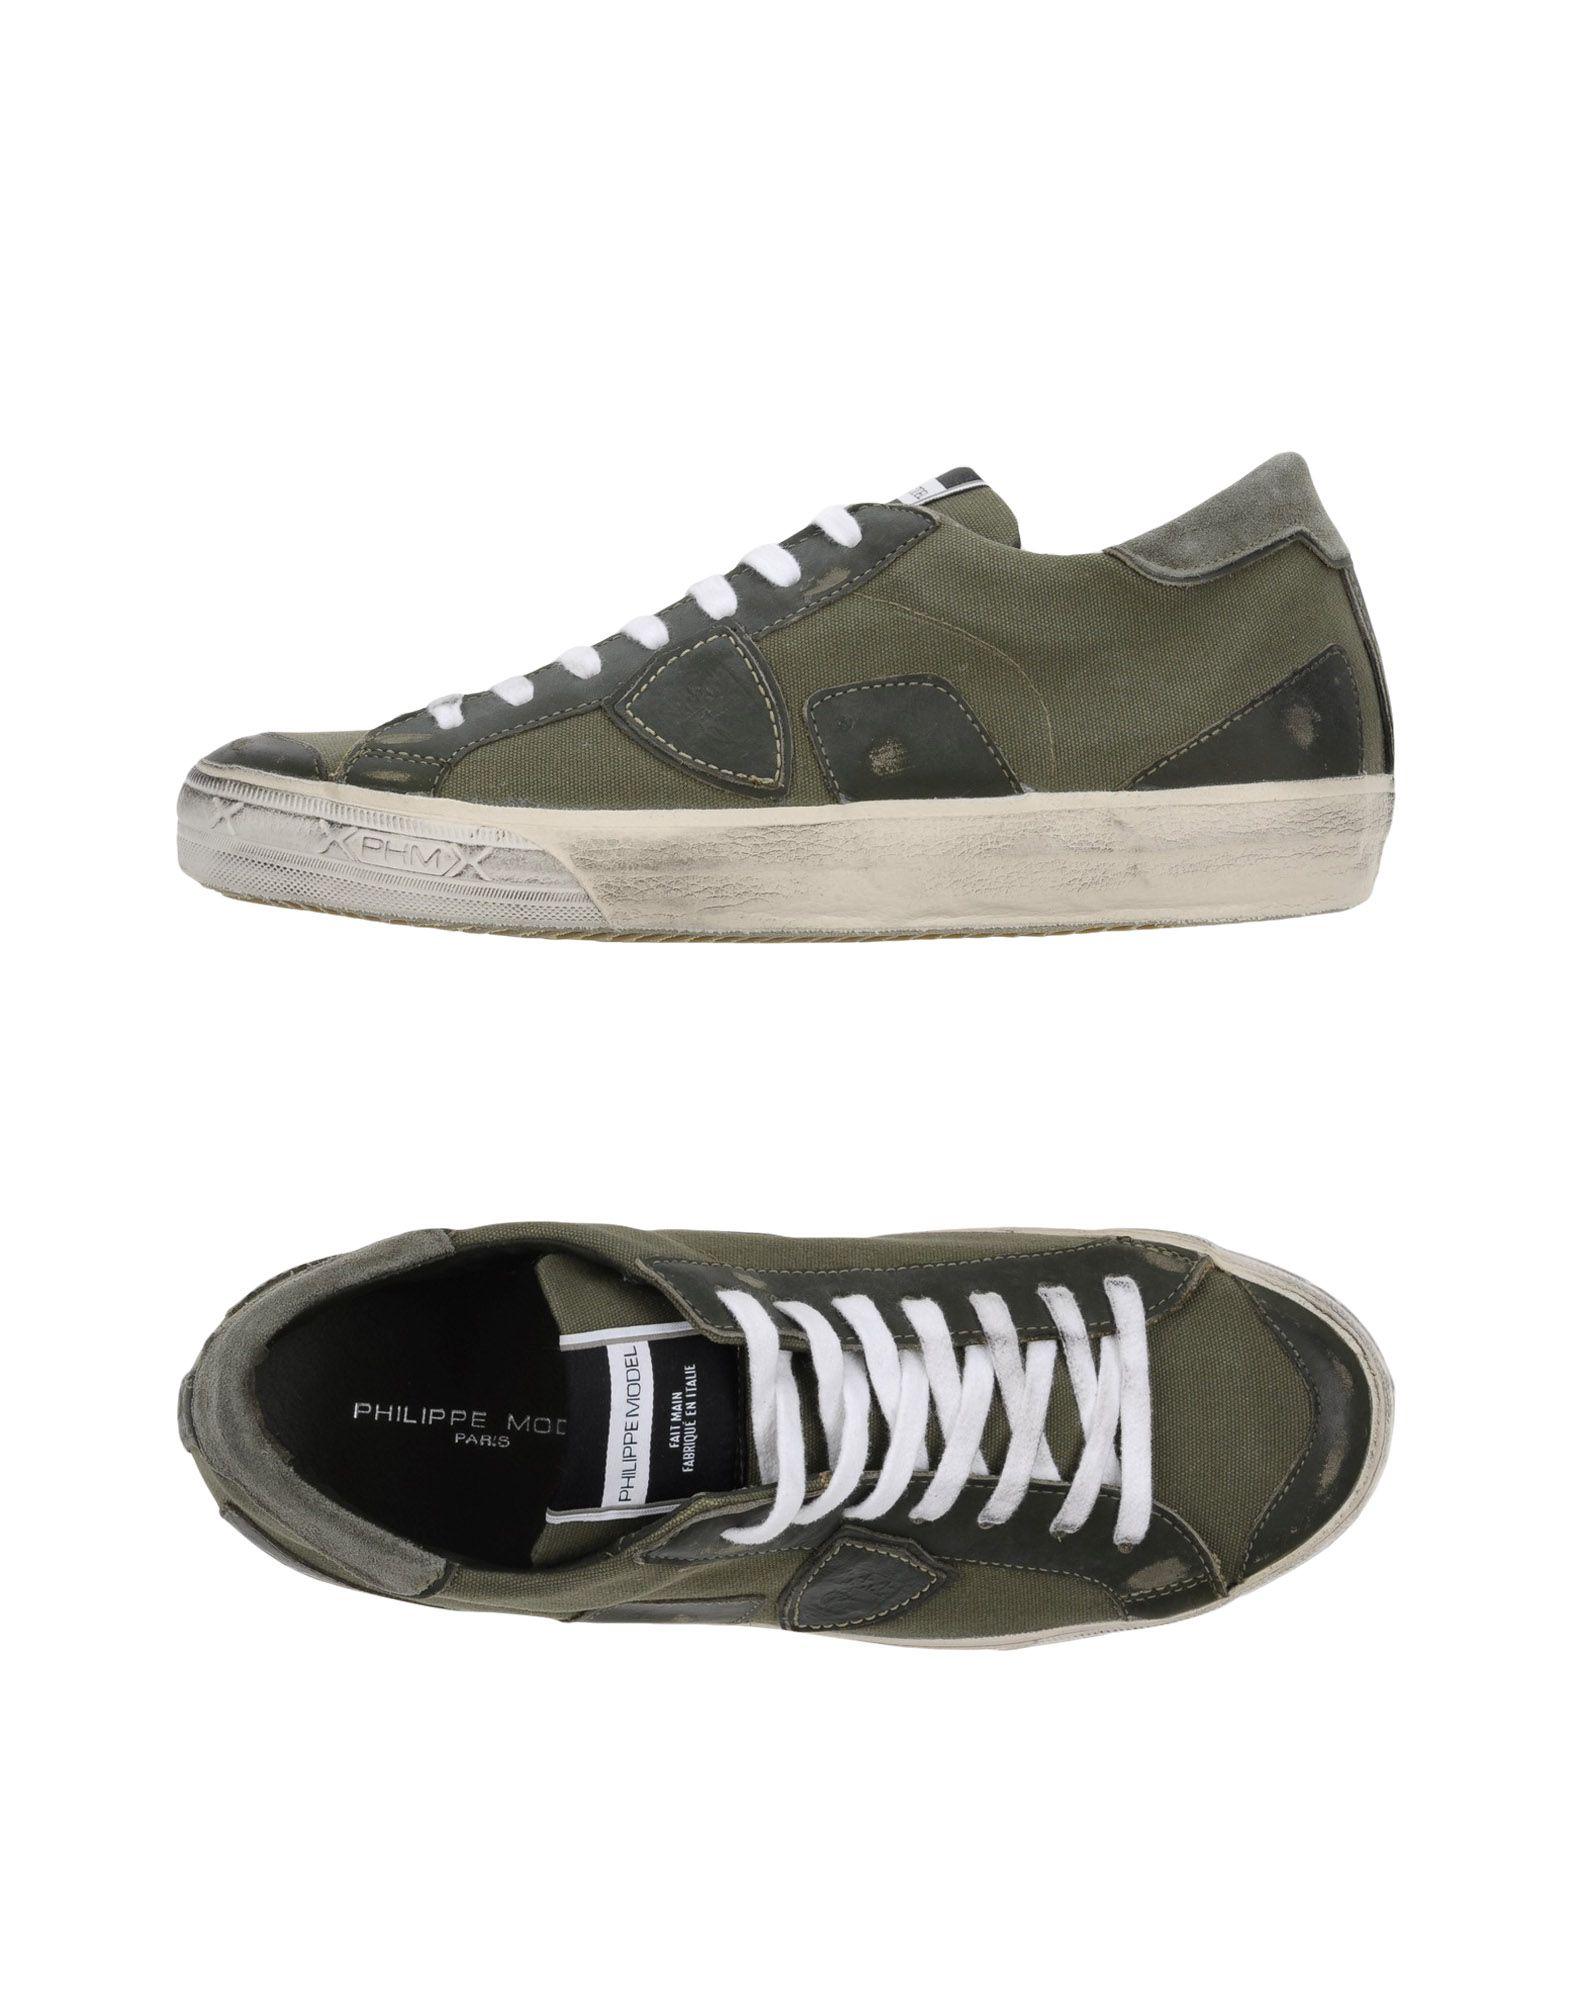 Philippe Model Sneakers Herren beliebte  11360760HS Gute Qualität beliebte Herren Schuhe aa66bb